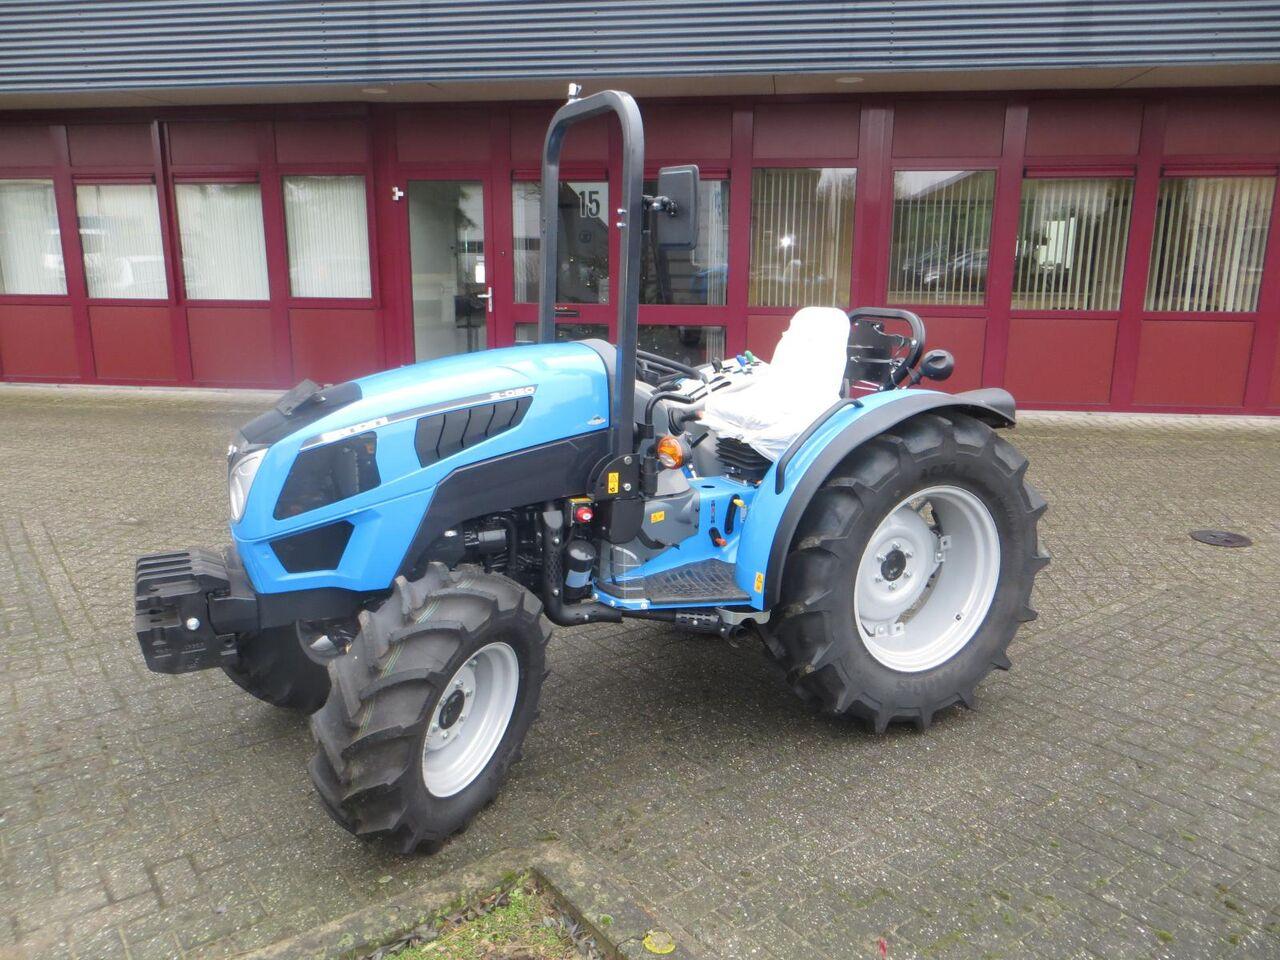 Nuevo tractor Landini: Moderno, ágil y compacto